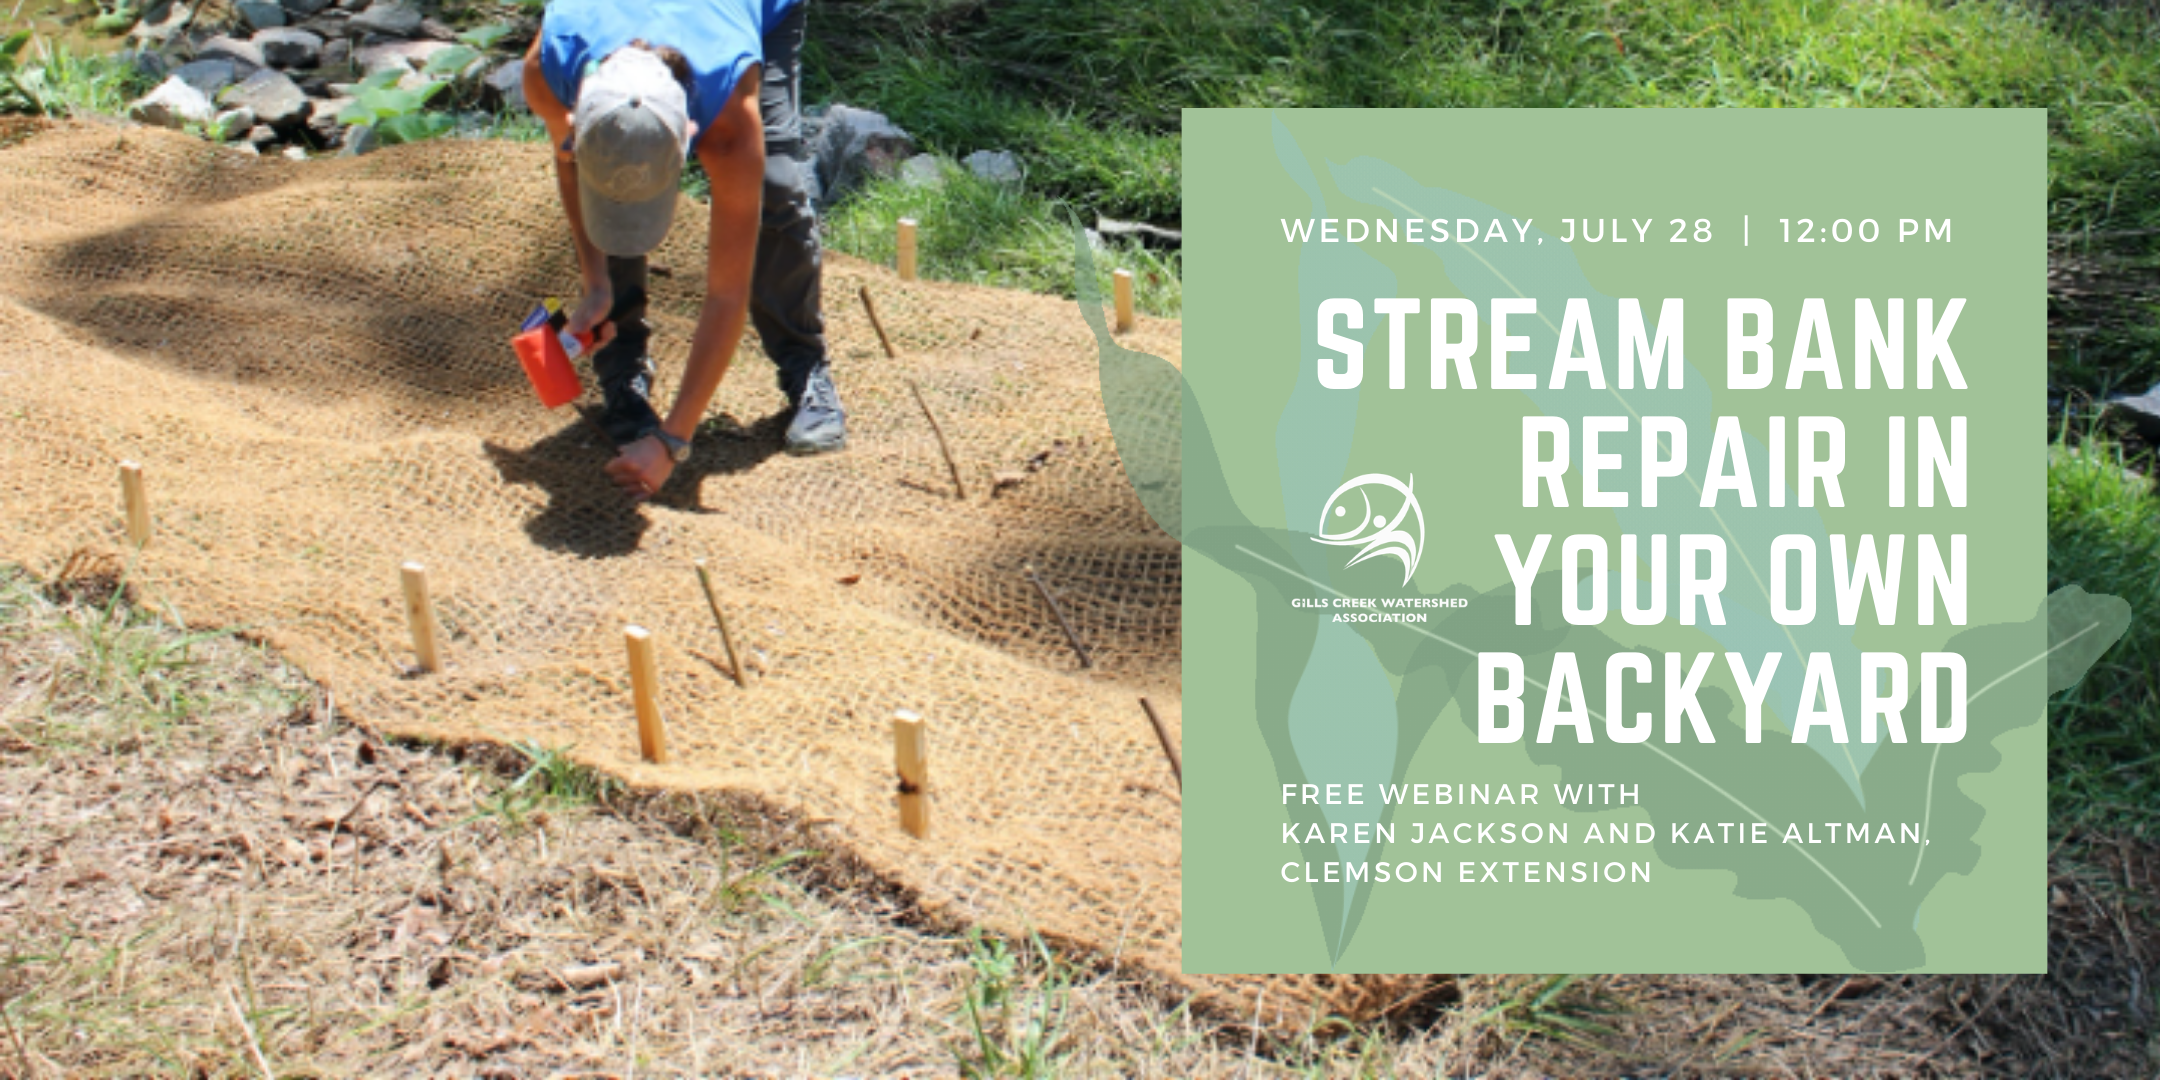 Webinar: Stream Bank Repair in Your Own Backyard